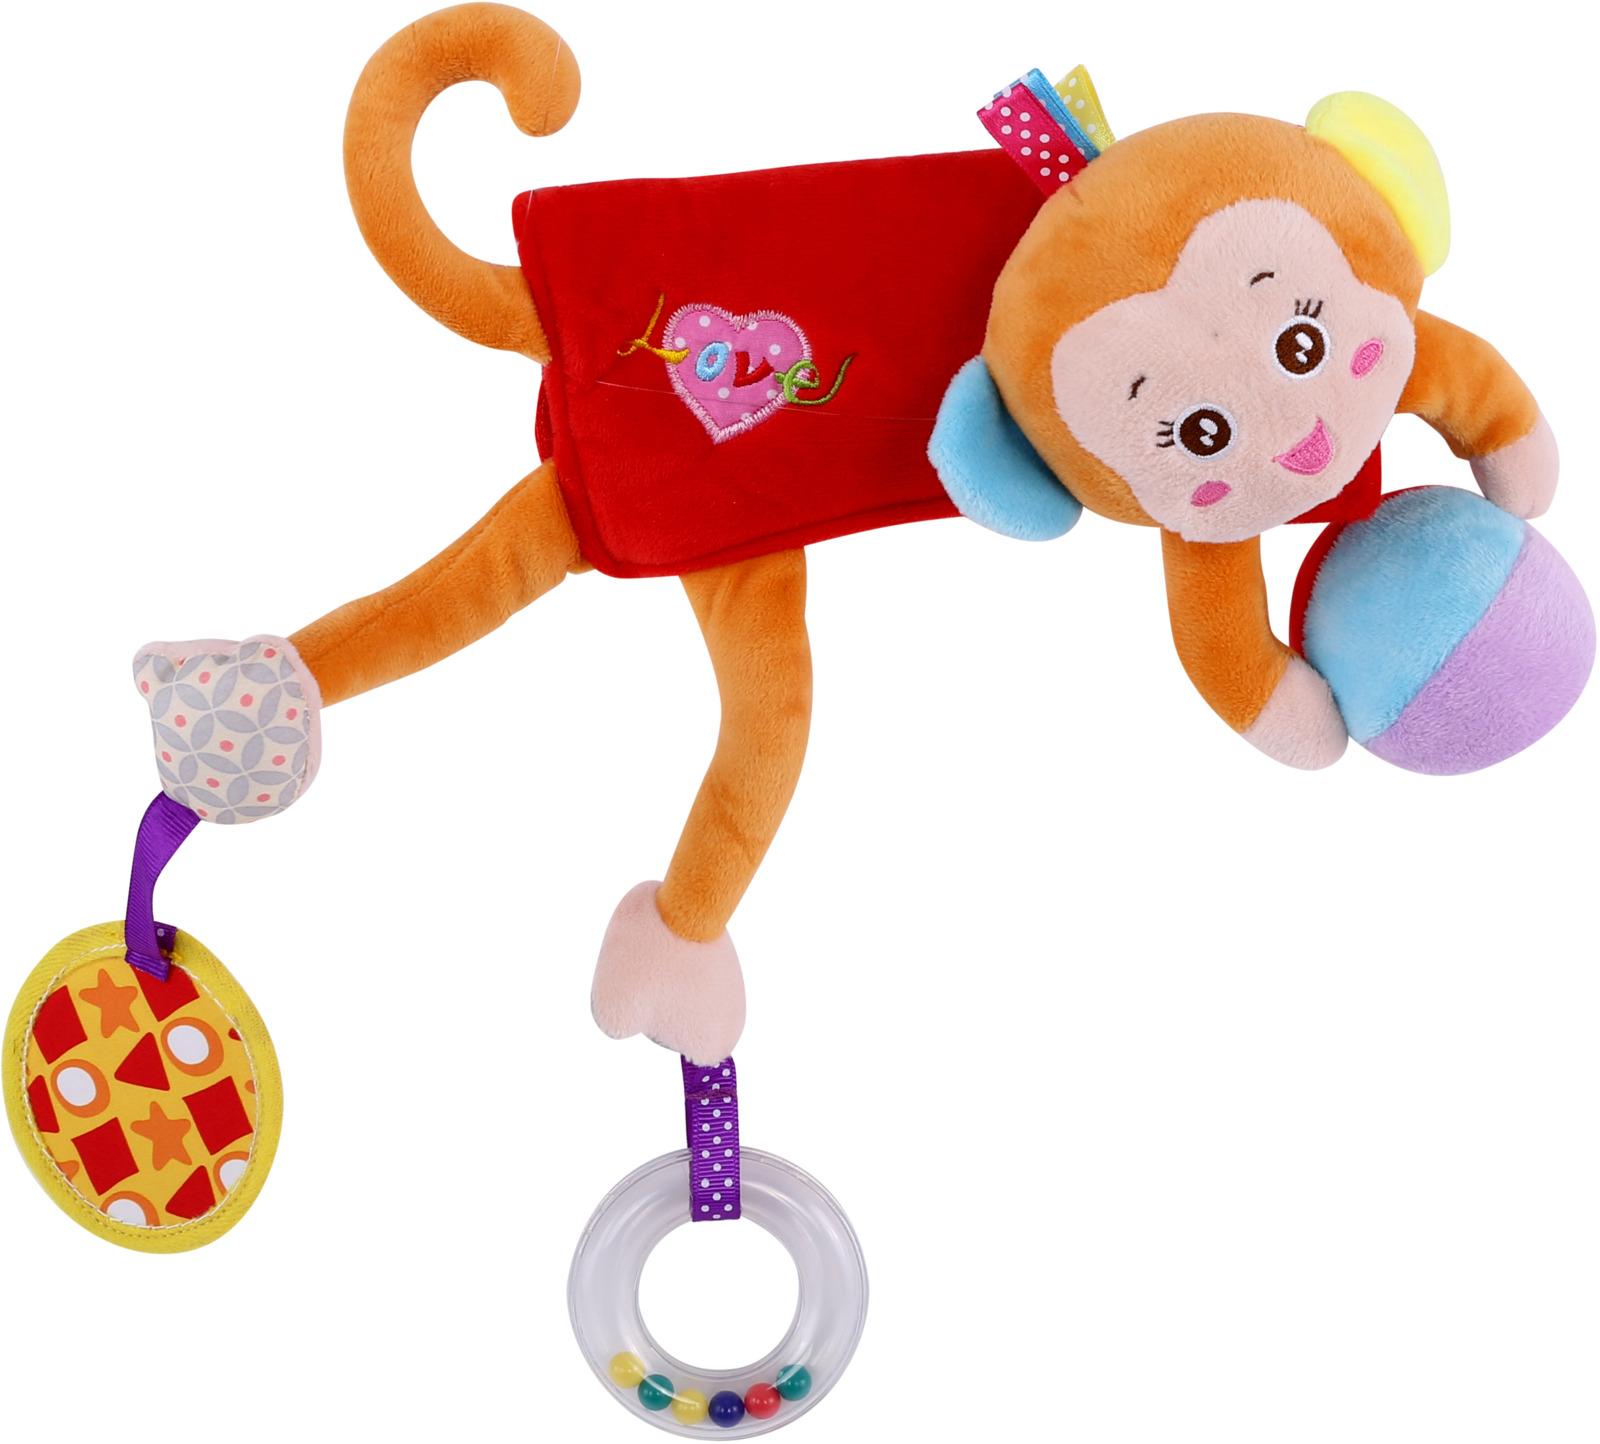 Развивающая игрушка Lorelli Toys Обними меня. Мартышка. 10191260001 развивающая игрушка lorelli toys обними меня мартышка 10191260001